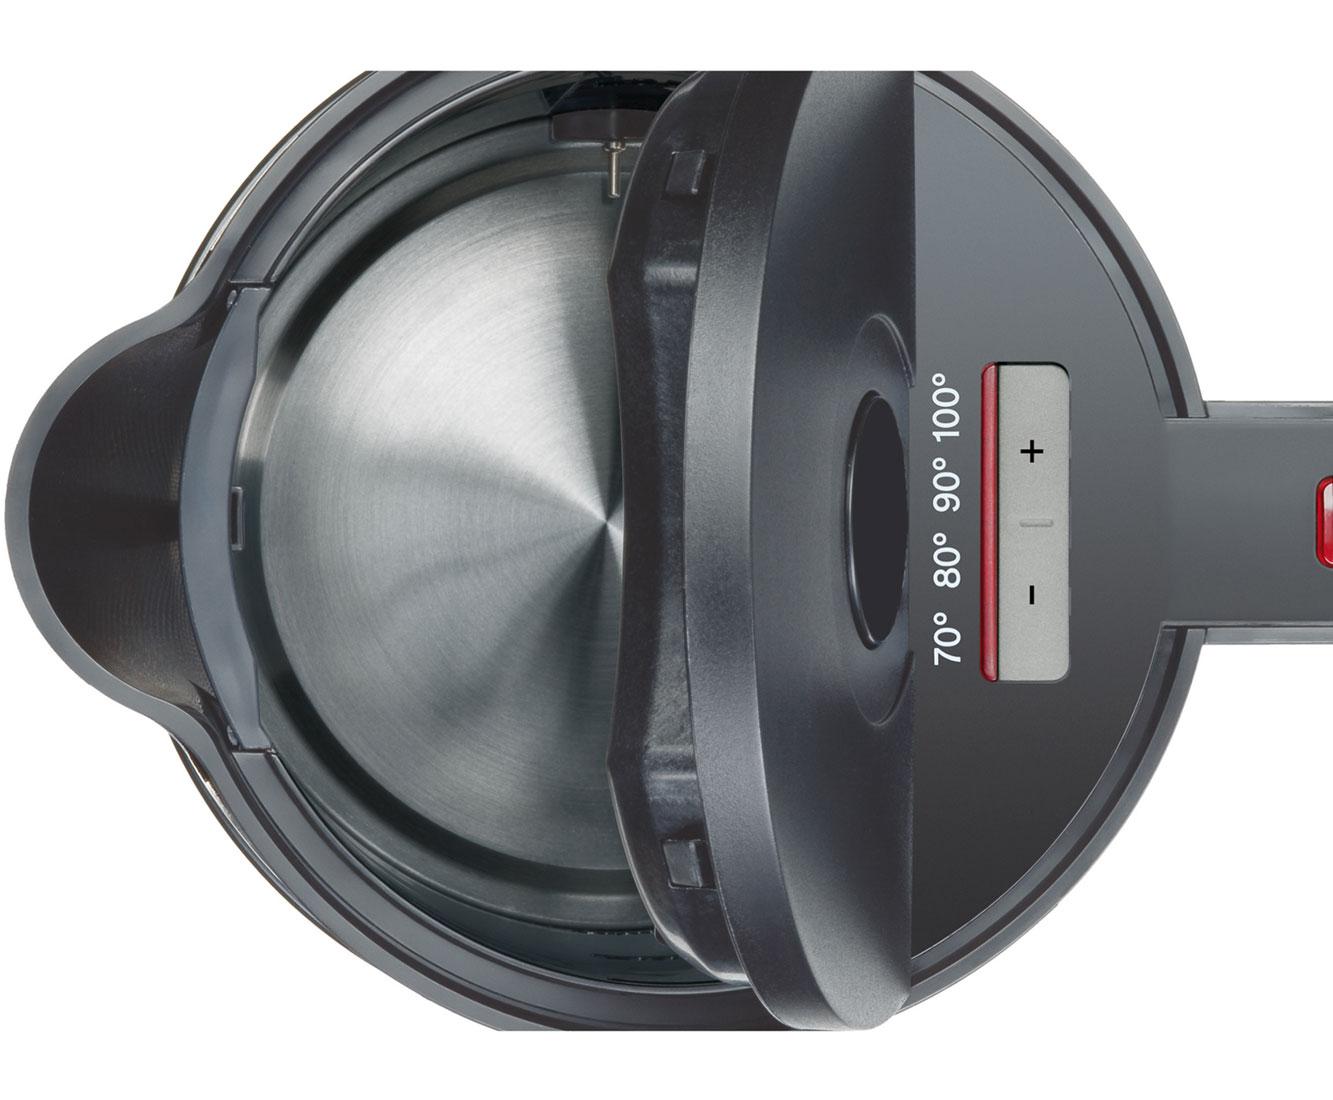 Siemens Kühlschrank Pfeifendes Geräusch : Siemens tw86105p wasserkocher grau ebay